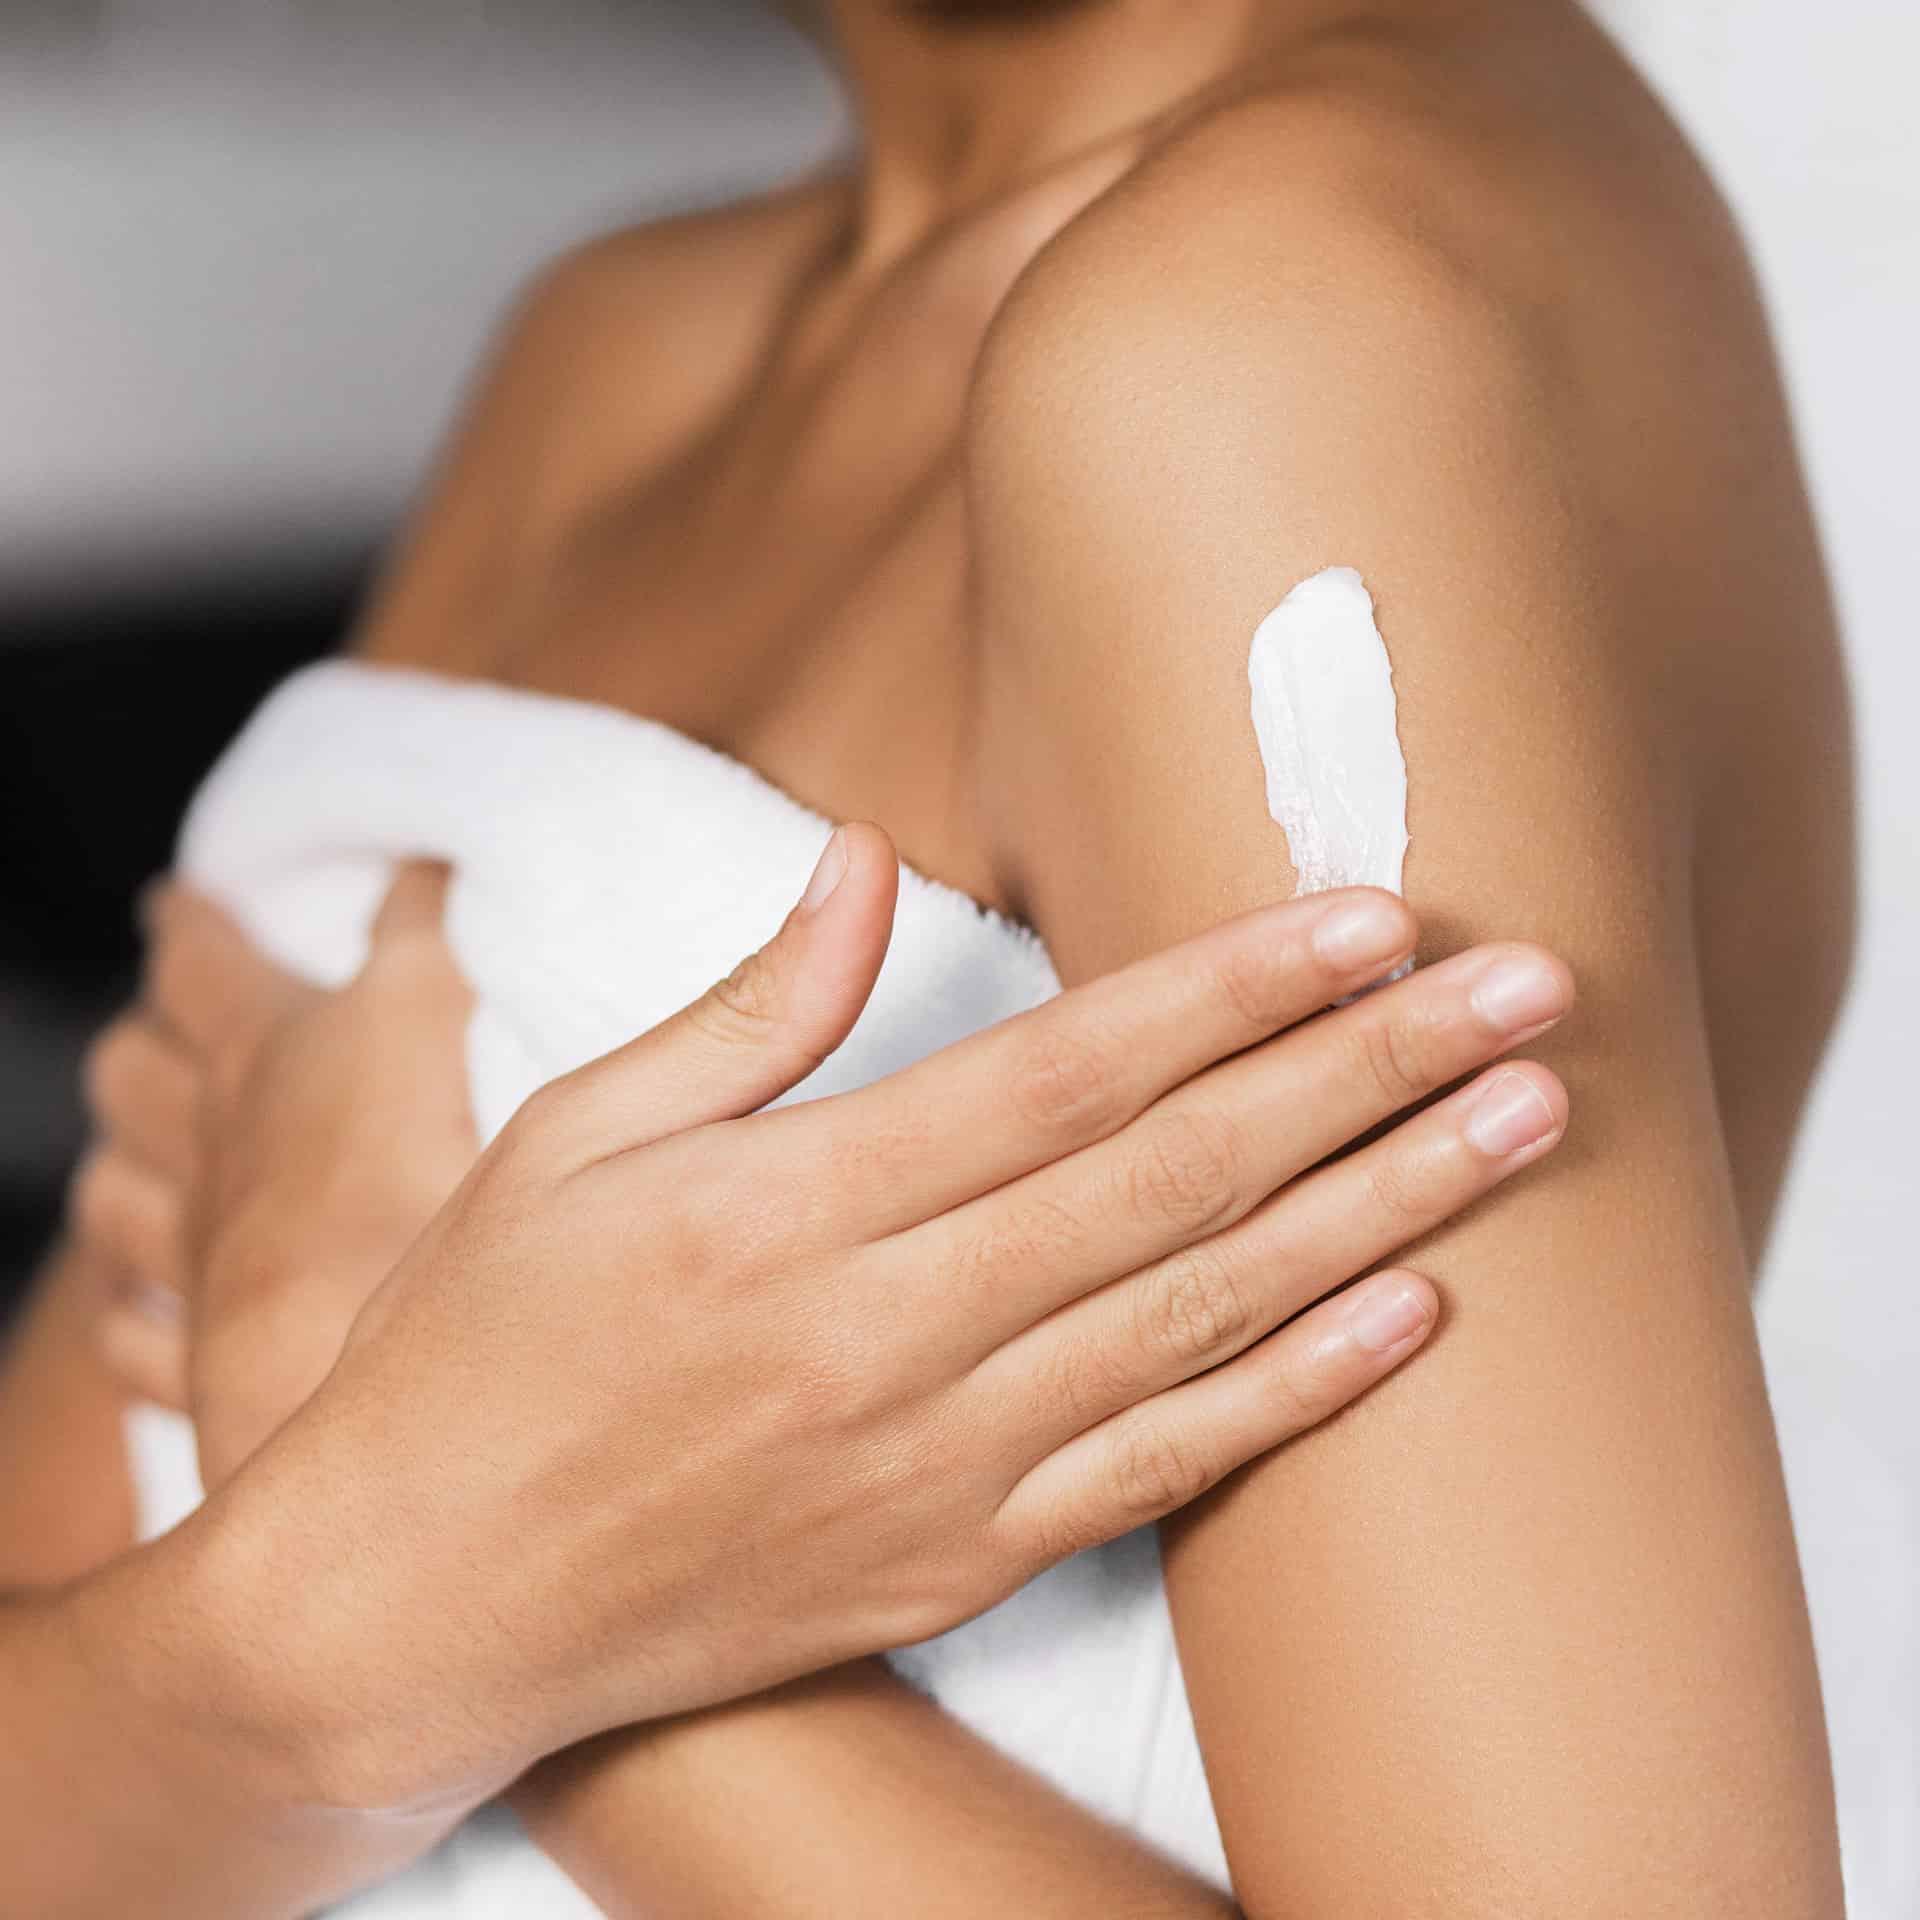 collagen-body-butter-concept-YFWM7QS.jpg